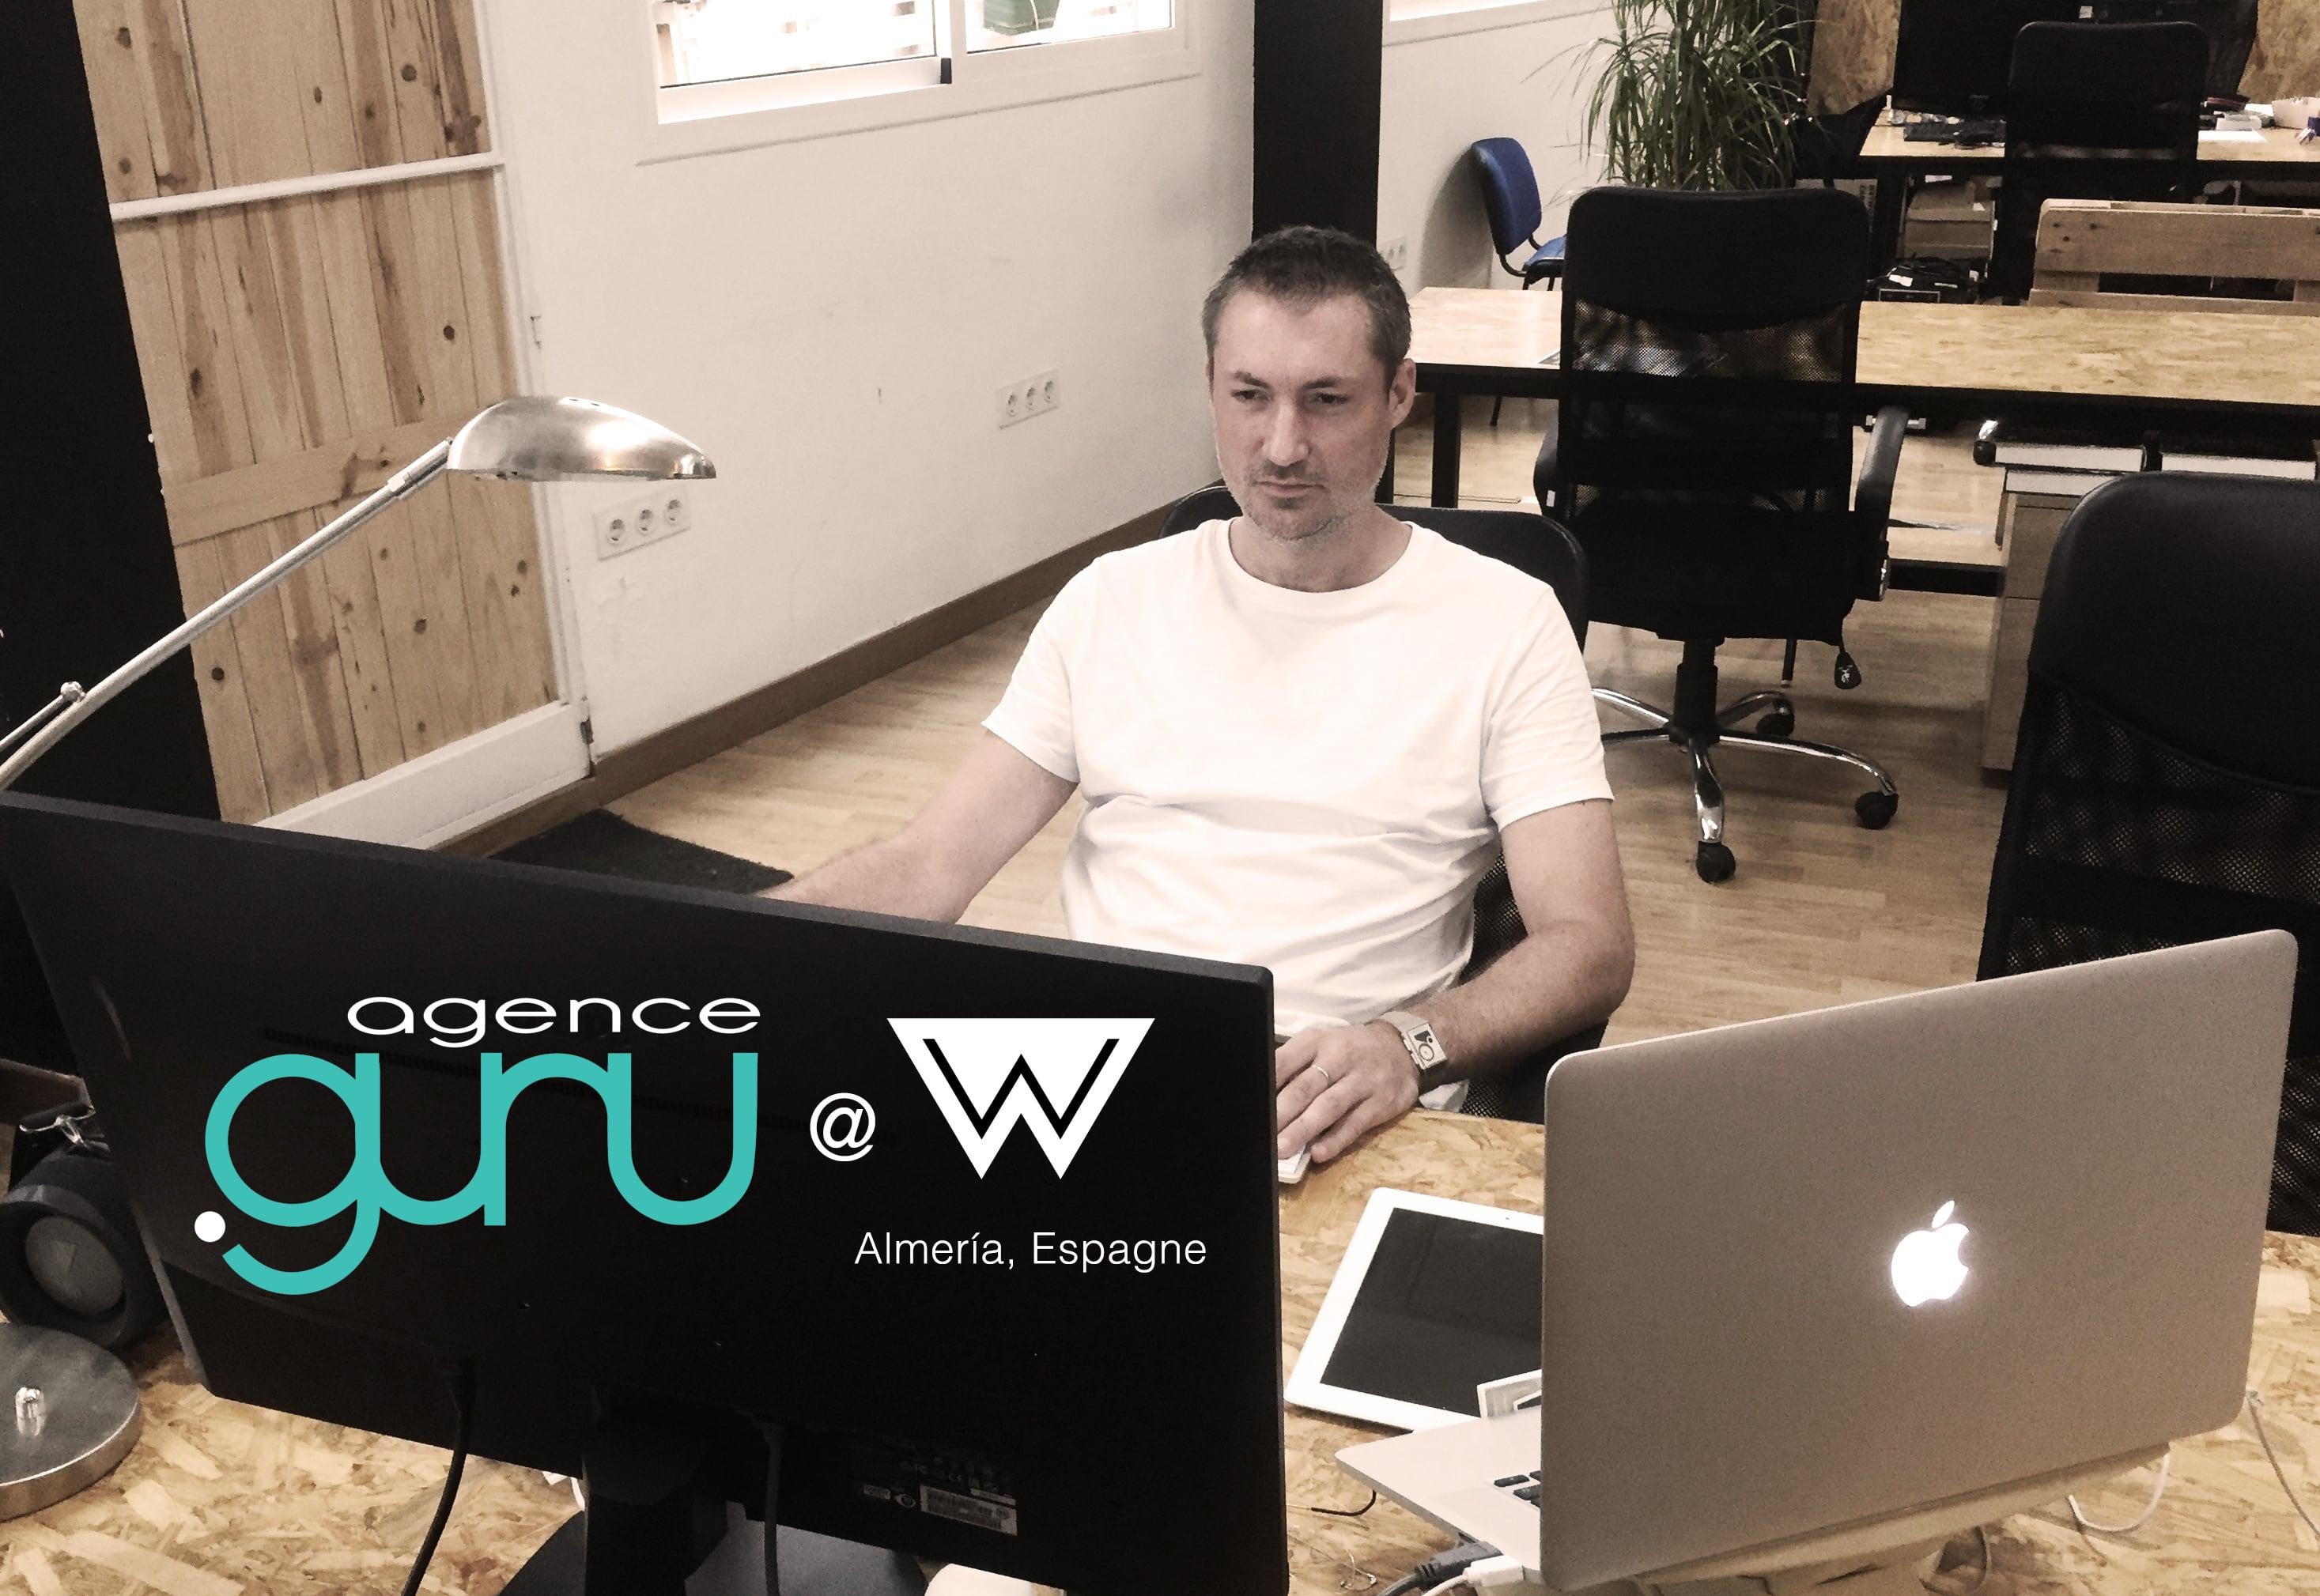 Une agence de services numériques et d'accompagnement de projets web - Georges Langeard - Chef de projet Web à Caen